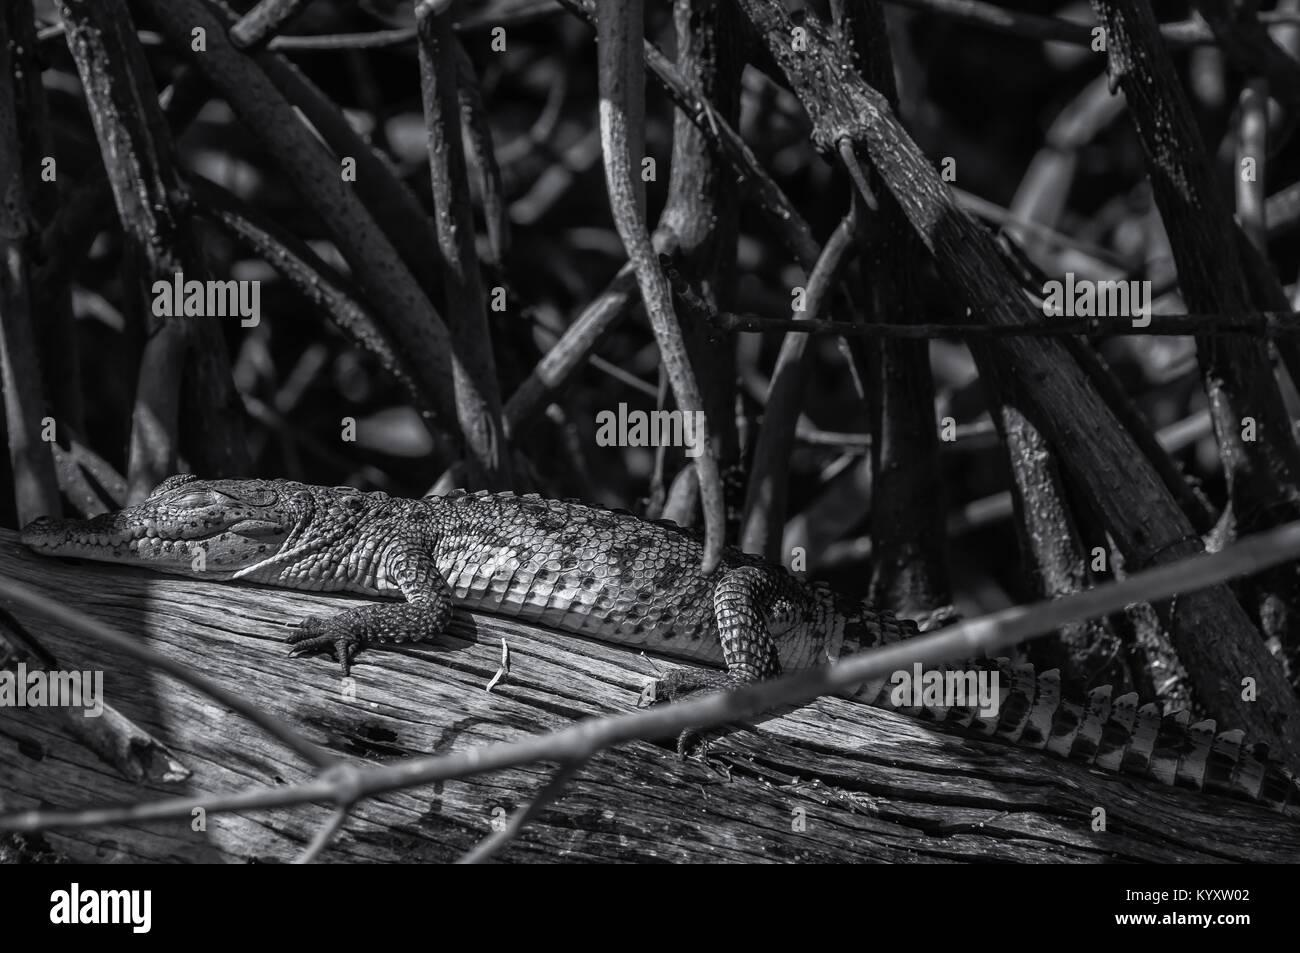 Baby crocodile sunbathing - Stock Image